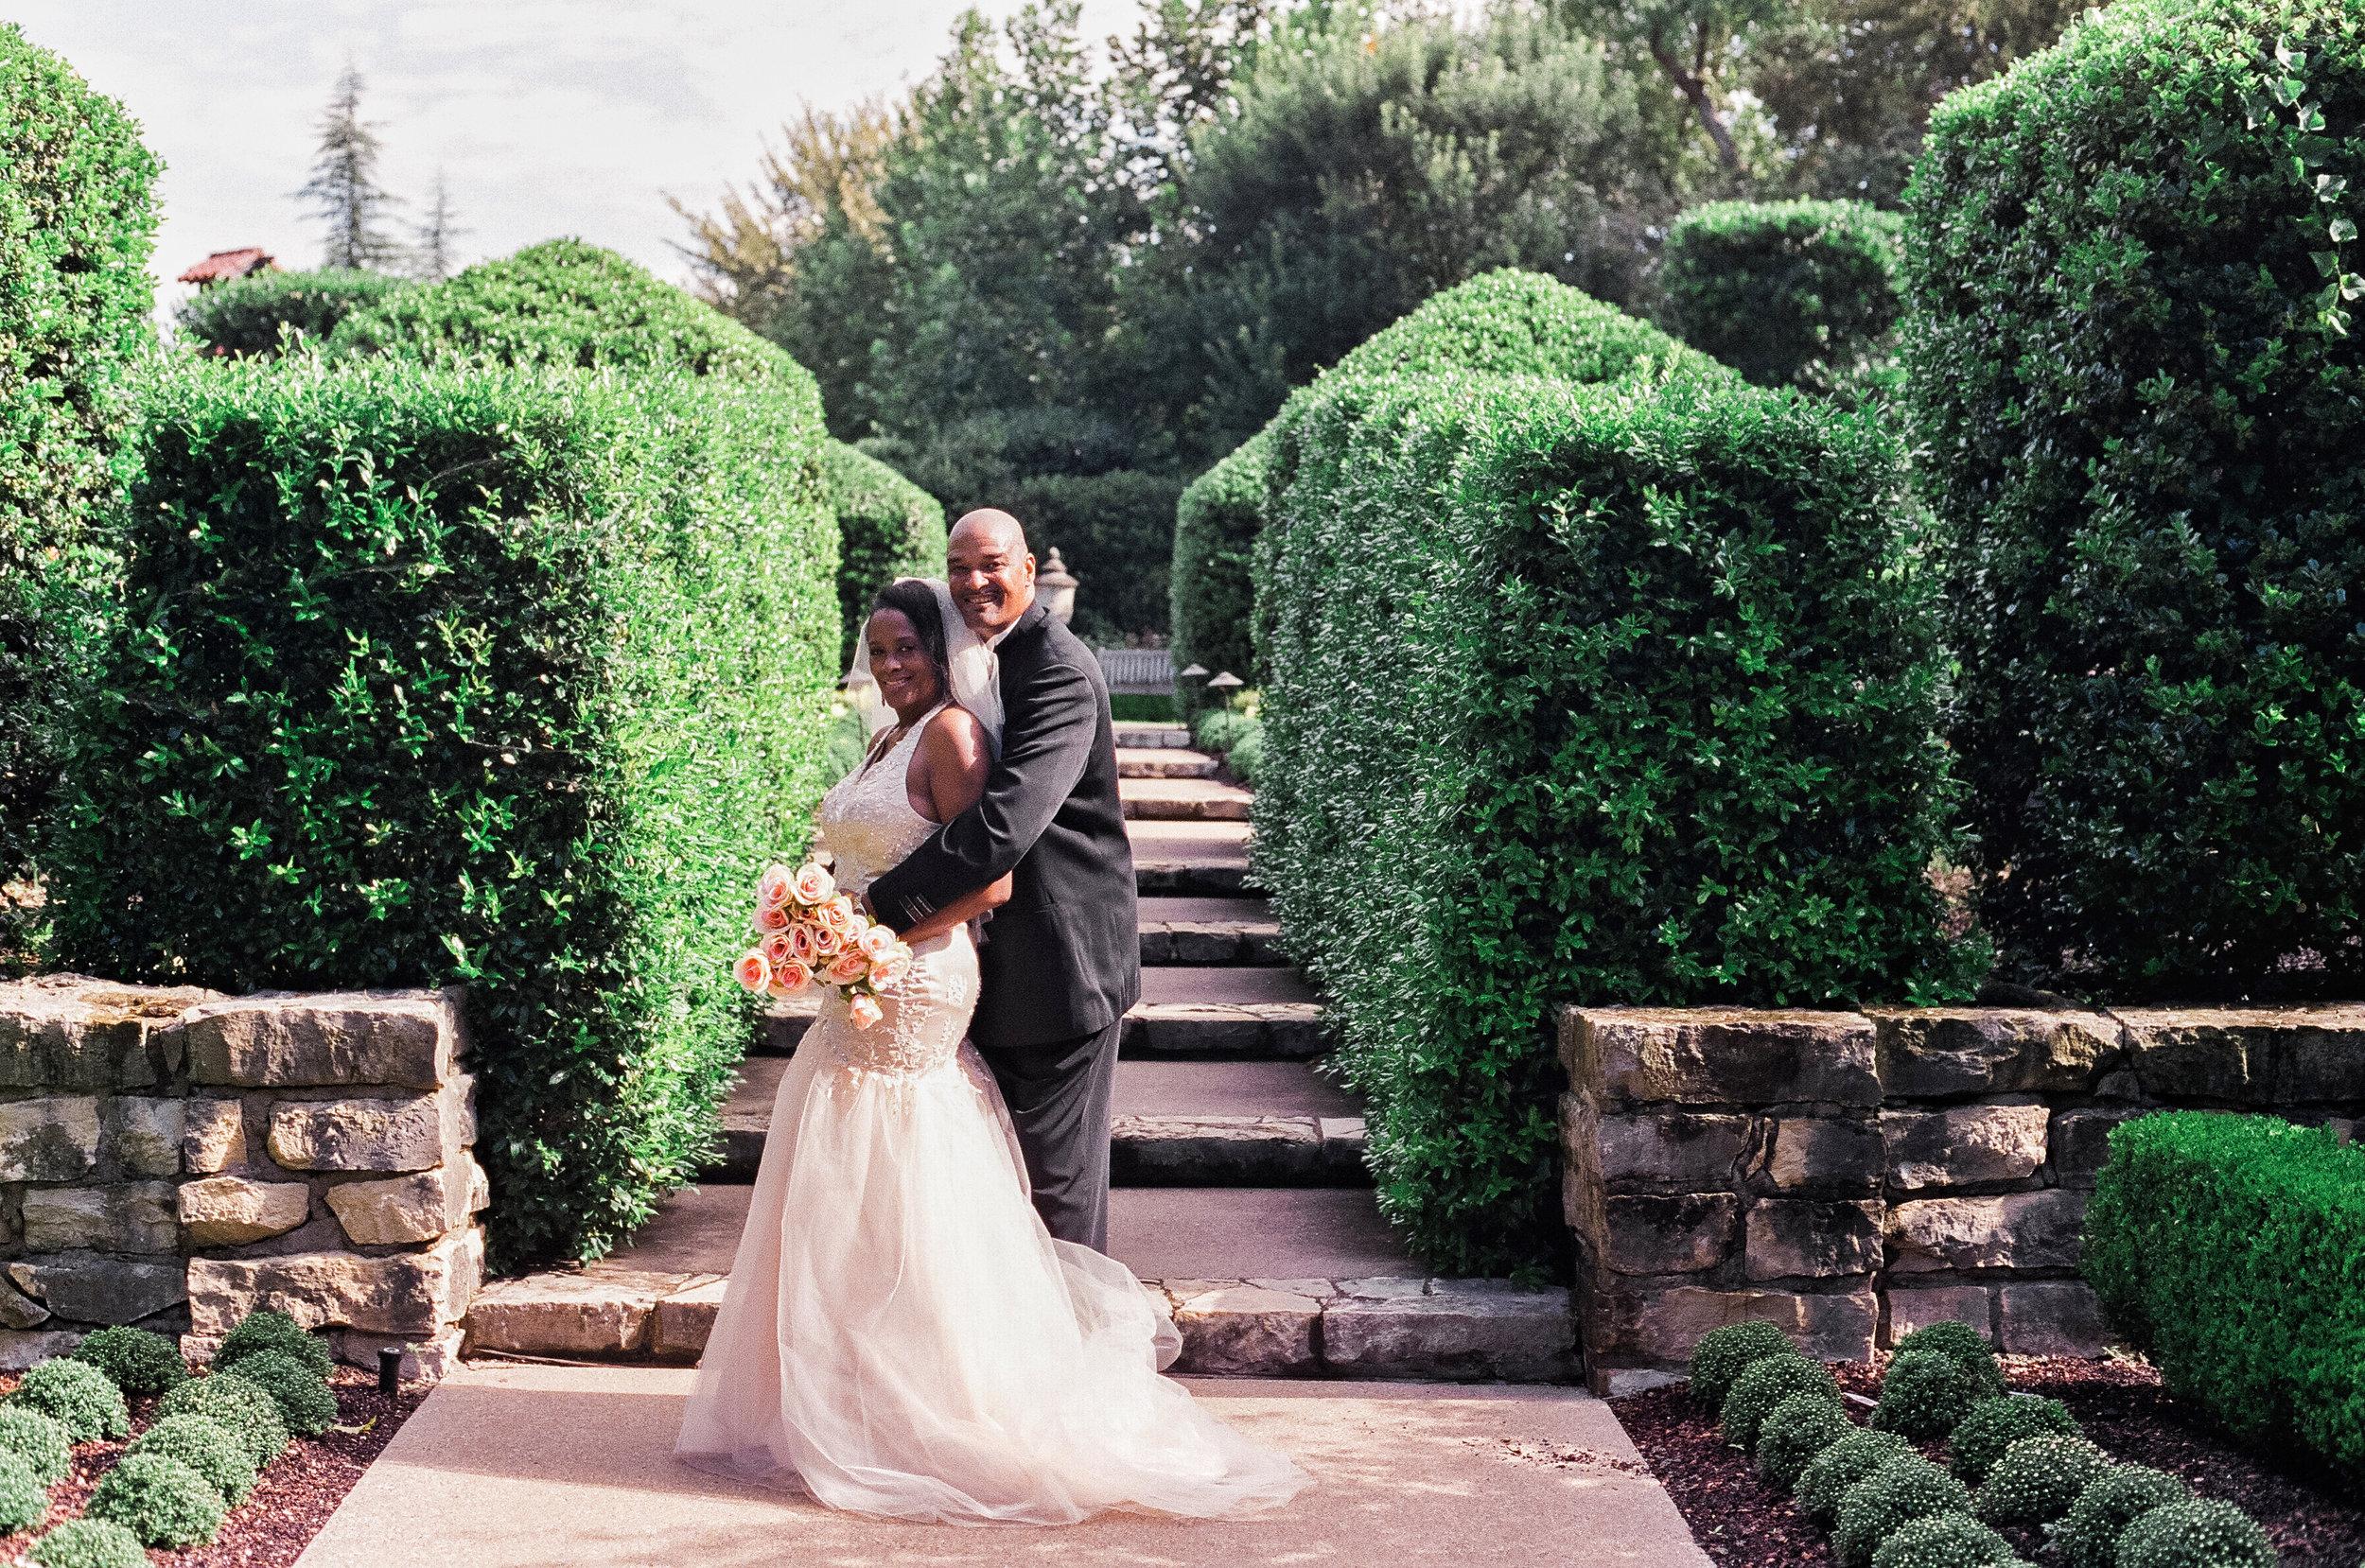 couple portraits dallas arboretum